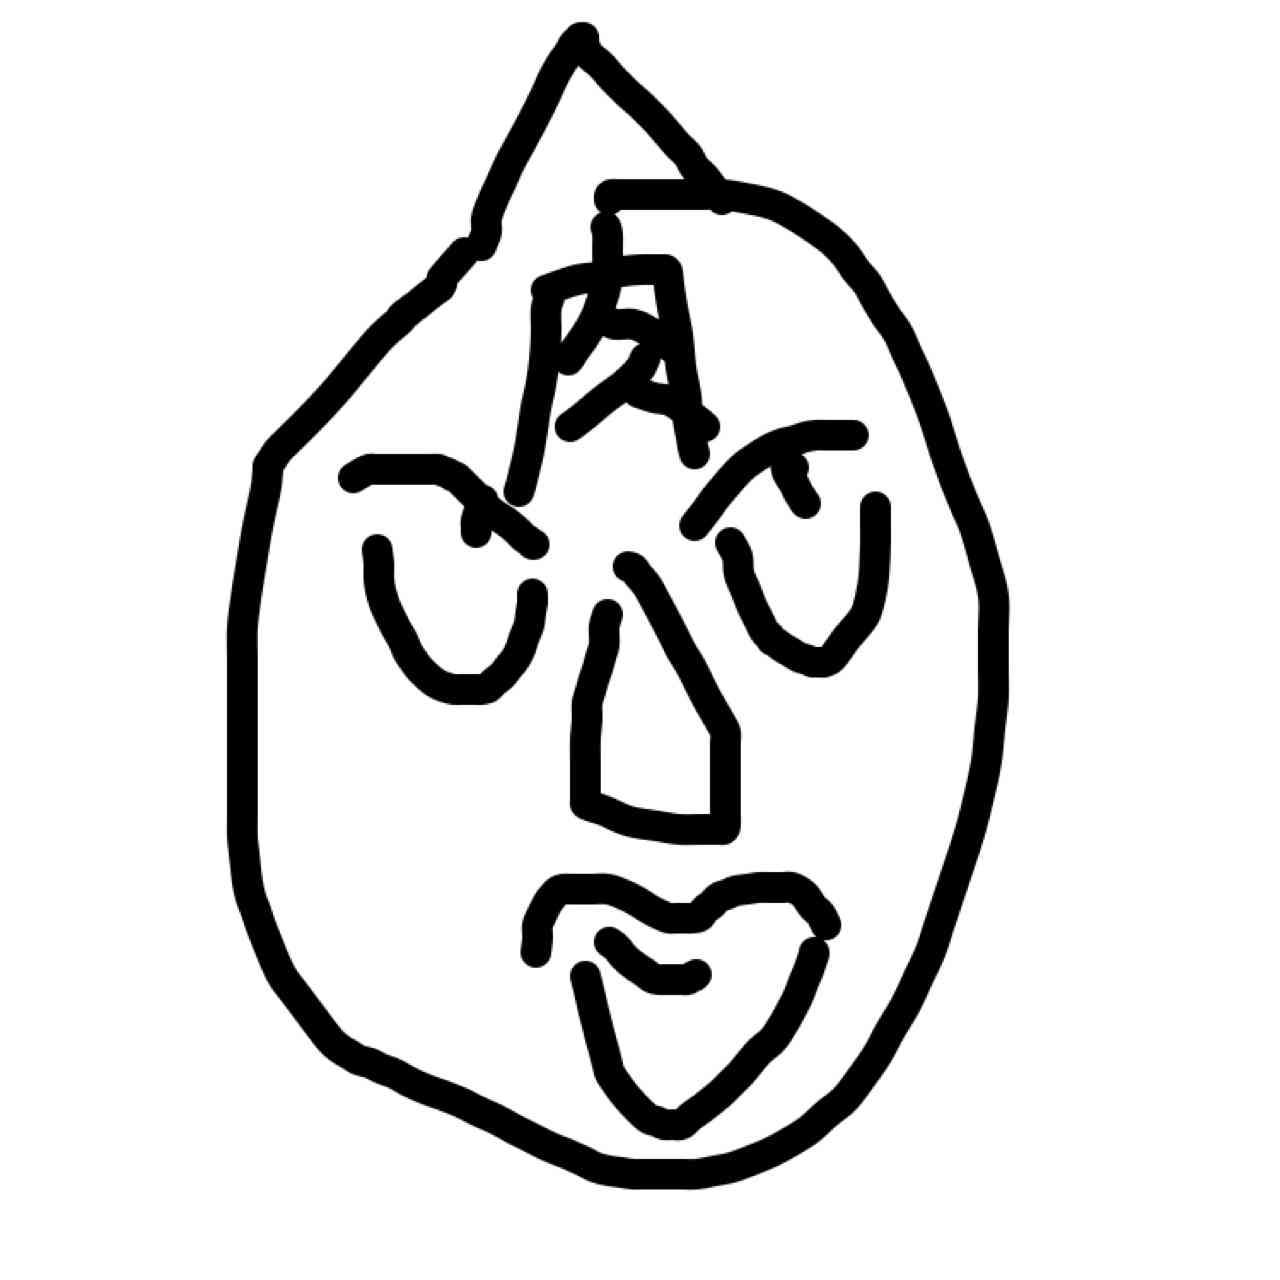 週刊ジャンプキャラを記憶だけで描くトピ